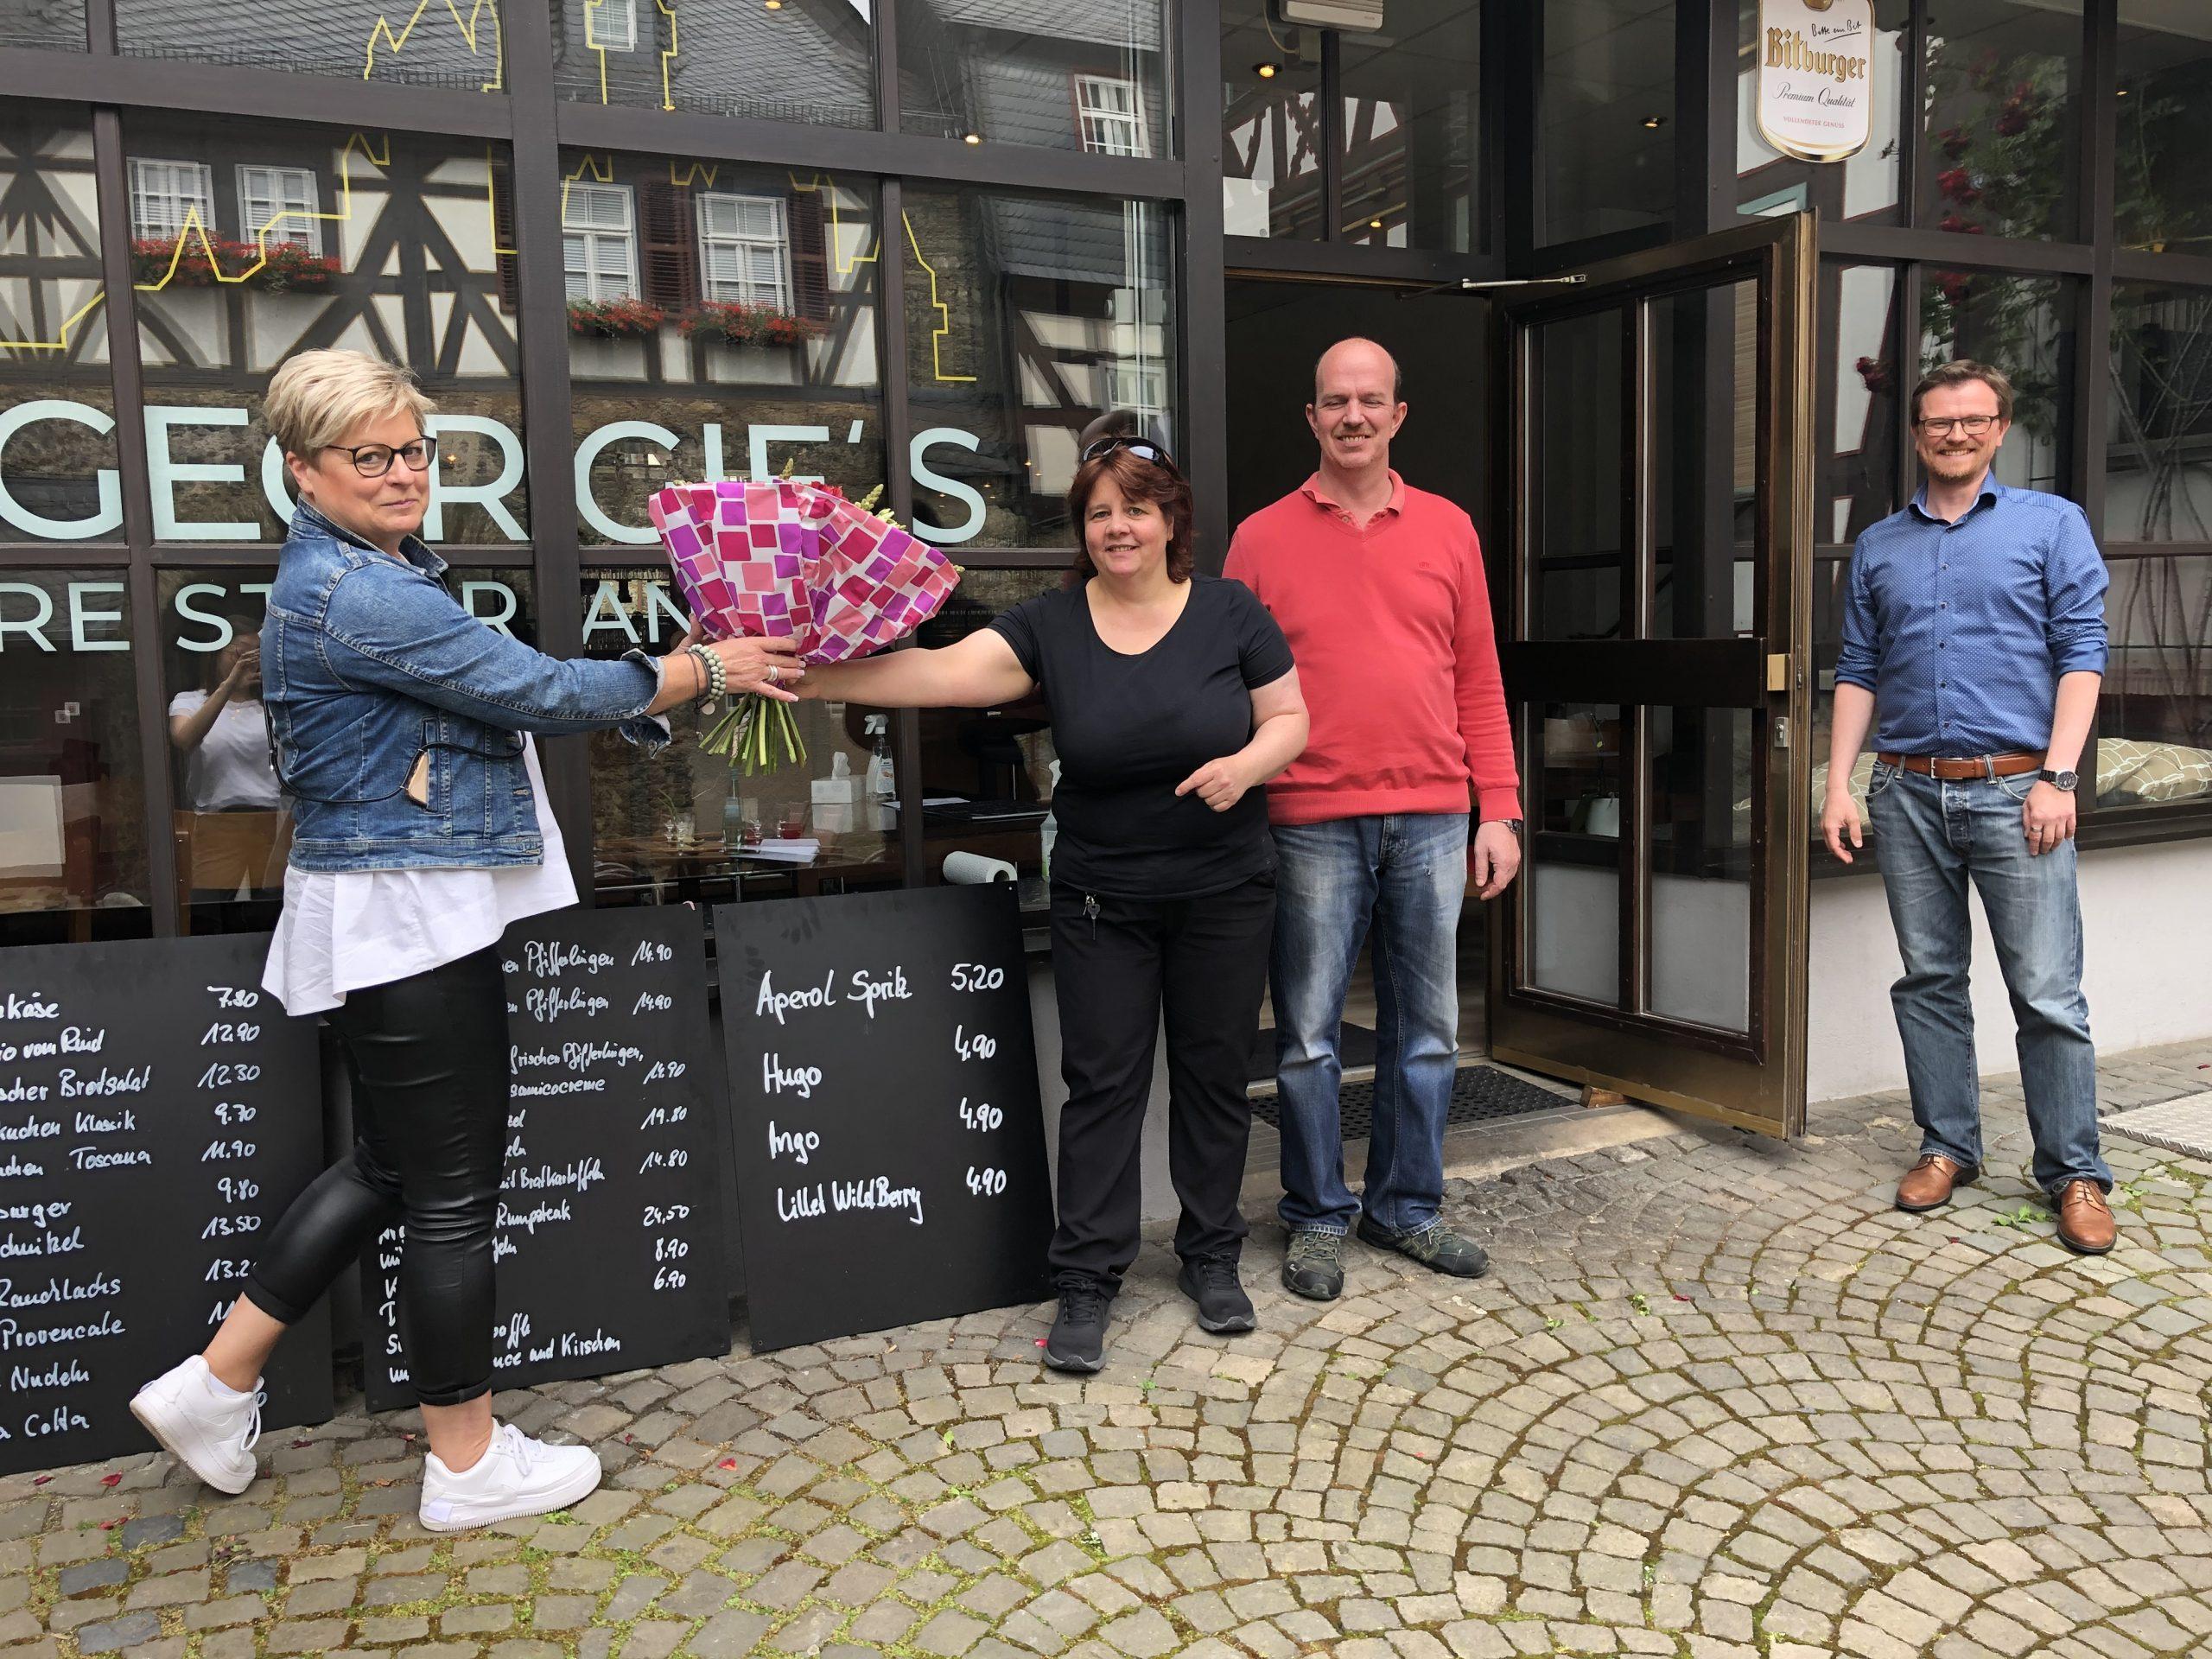 Regina Andermann und Philipp Borchardt wünschen den neuen Betreibern von Georgie's Restaurant - Peggy und Holger Tasch (Mitte) - alles Gute für die Zukunft.